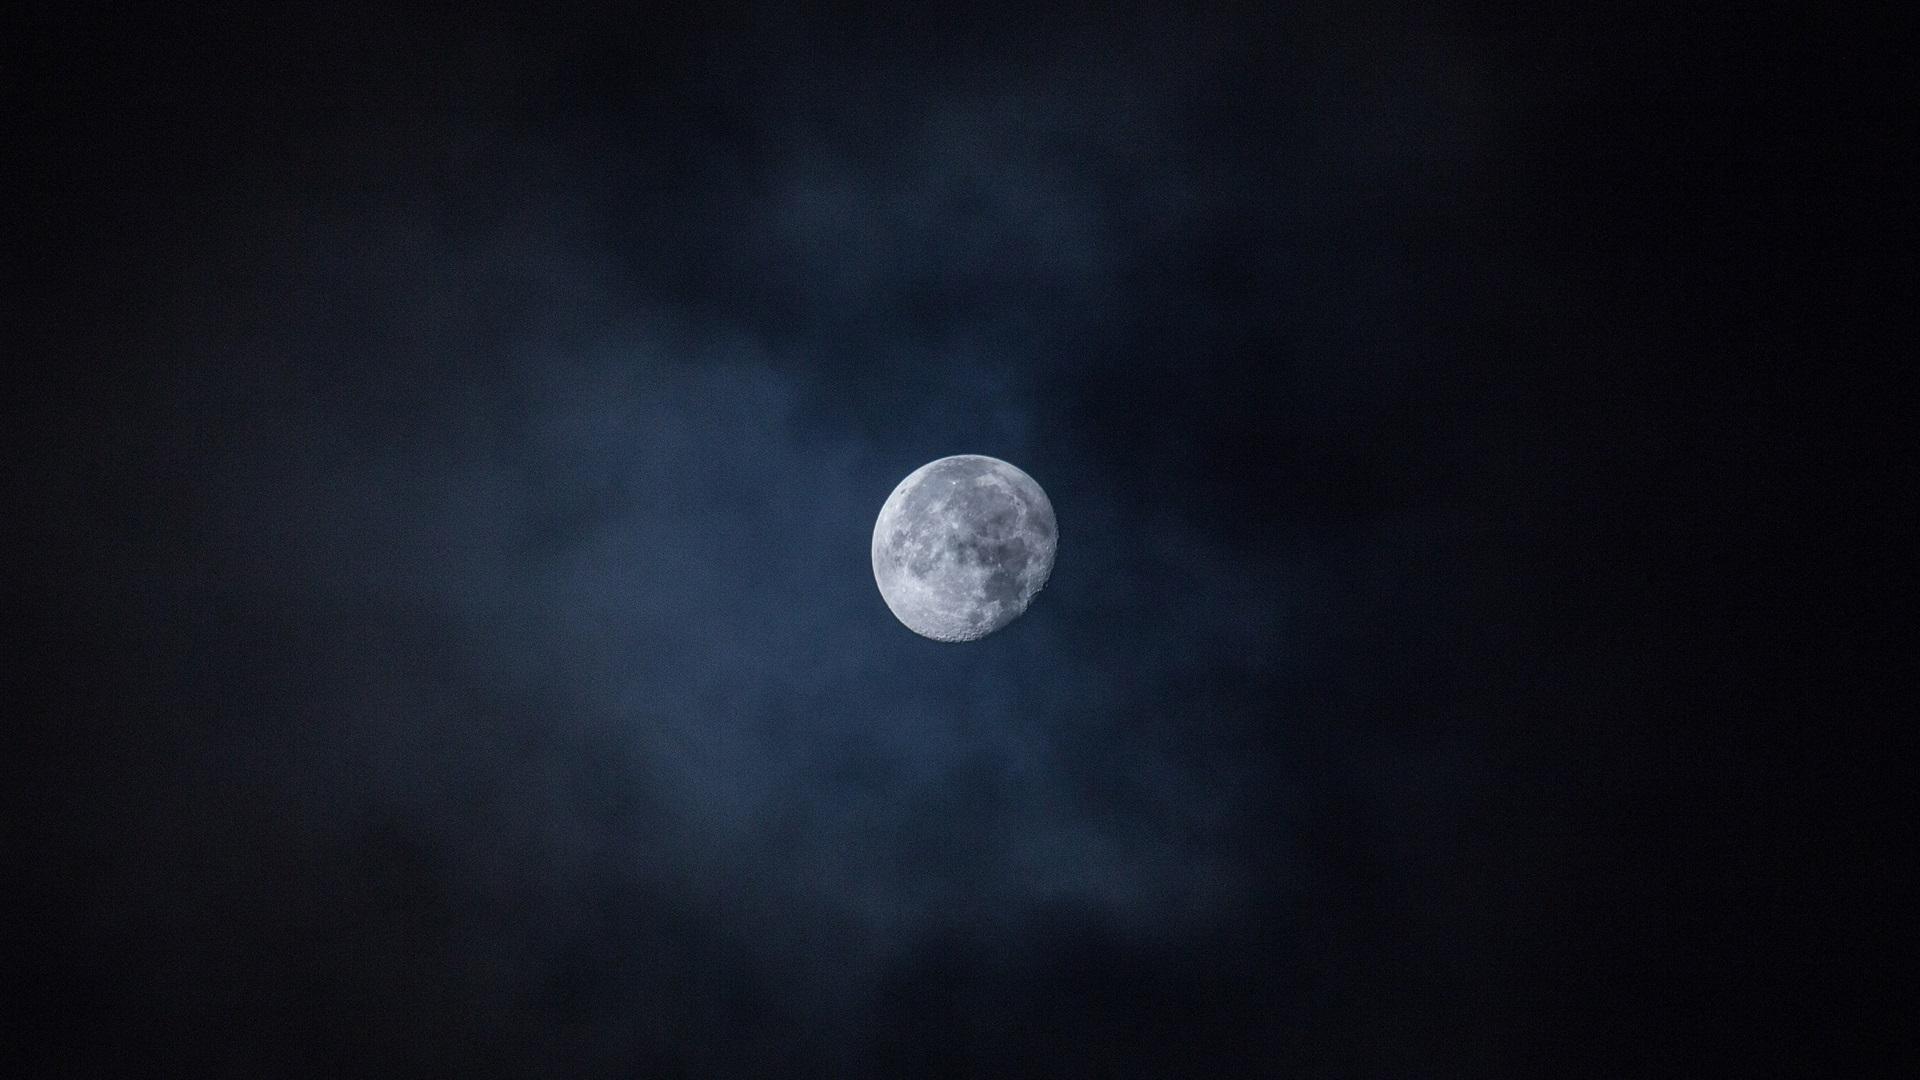 月亮在天空中,夜晚 壁纸图片